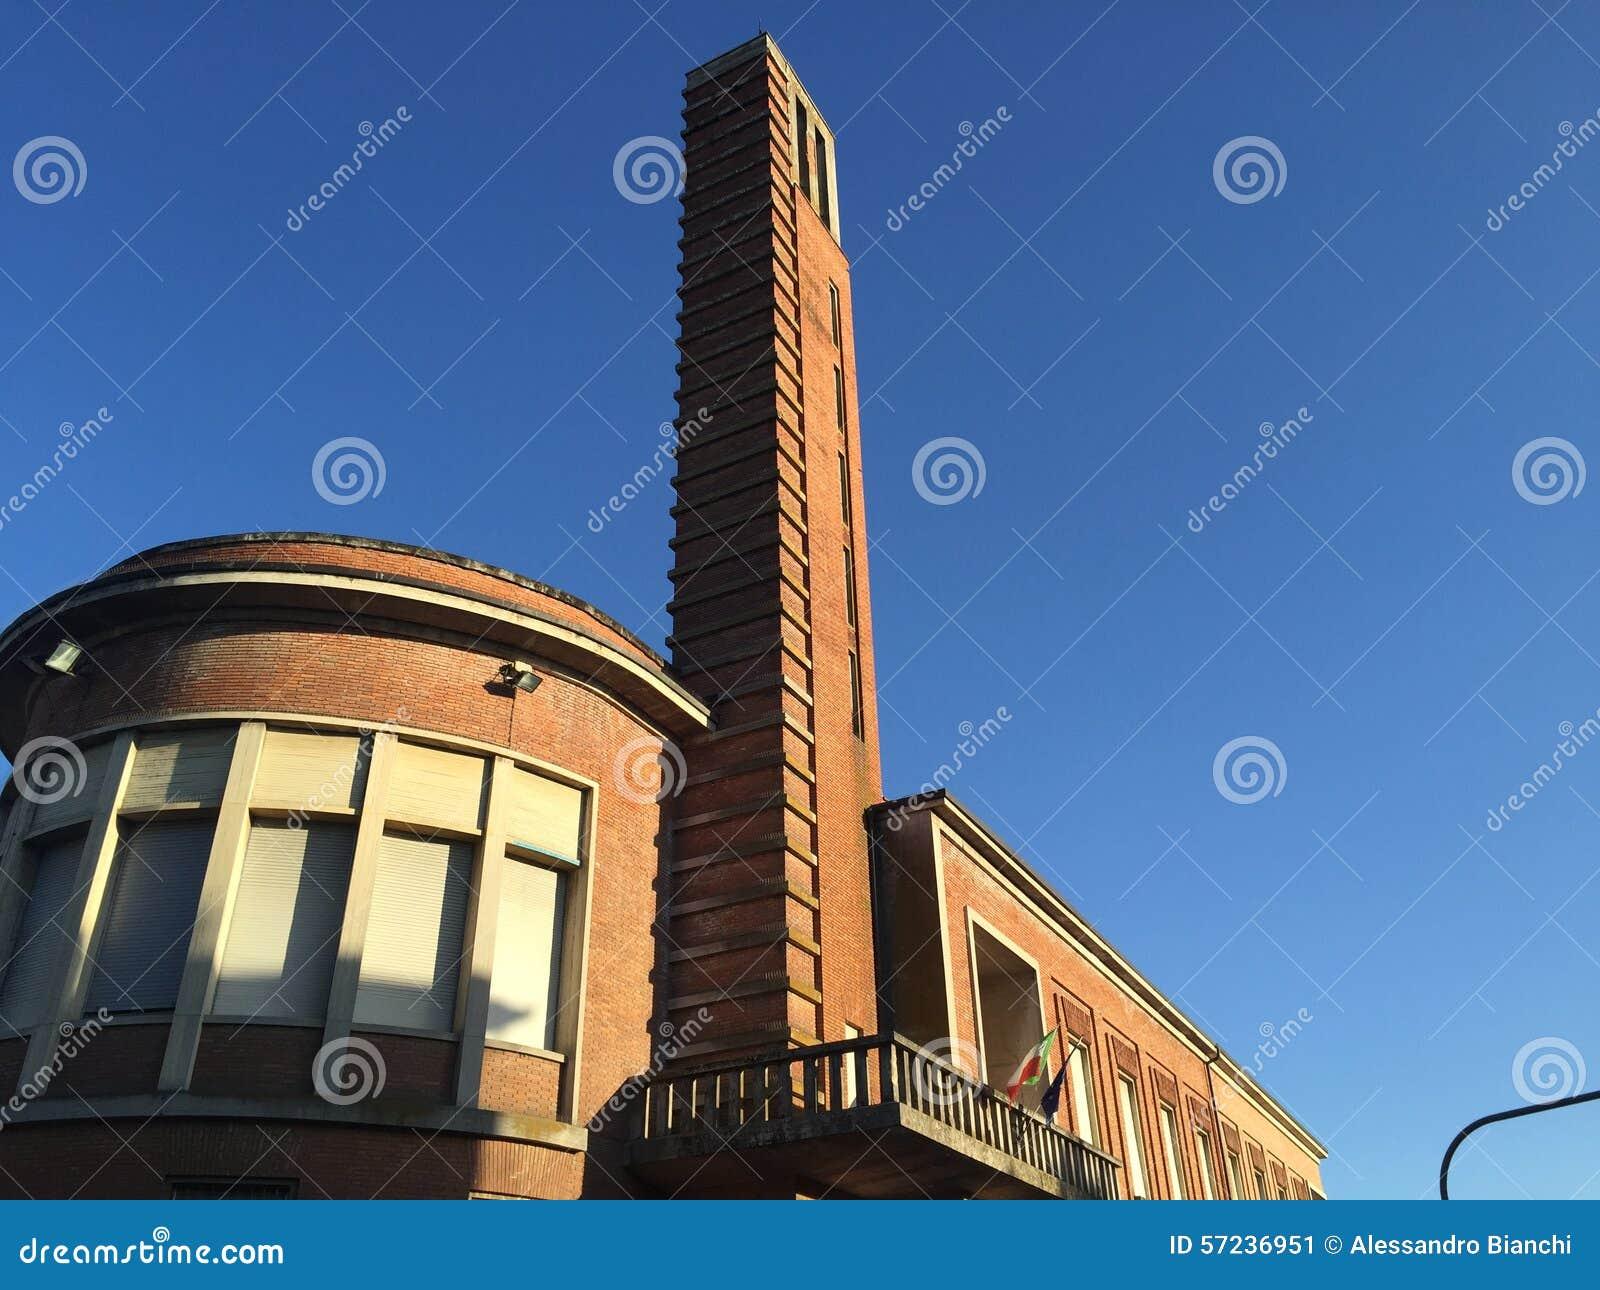 Architettura fascista italiana immagine stock immagine for Architettura italiana